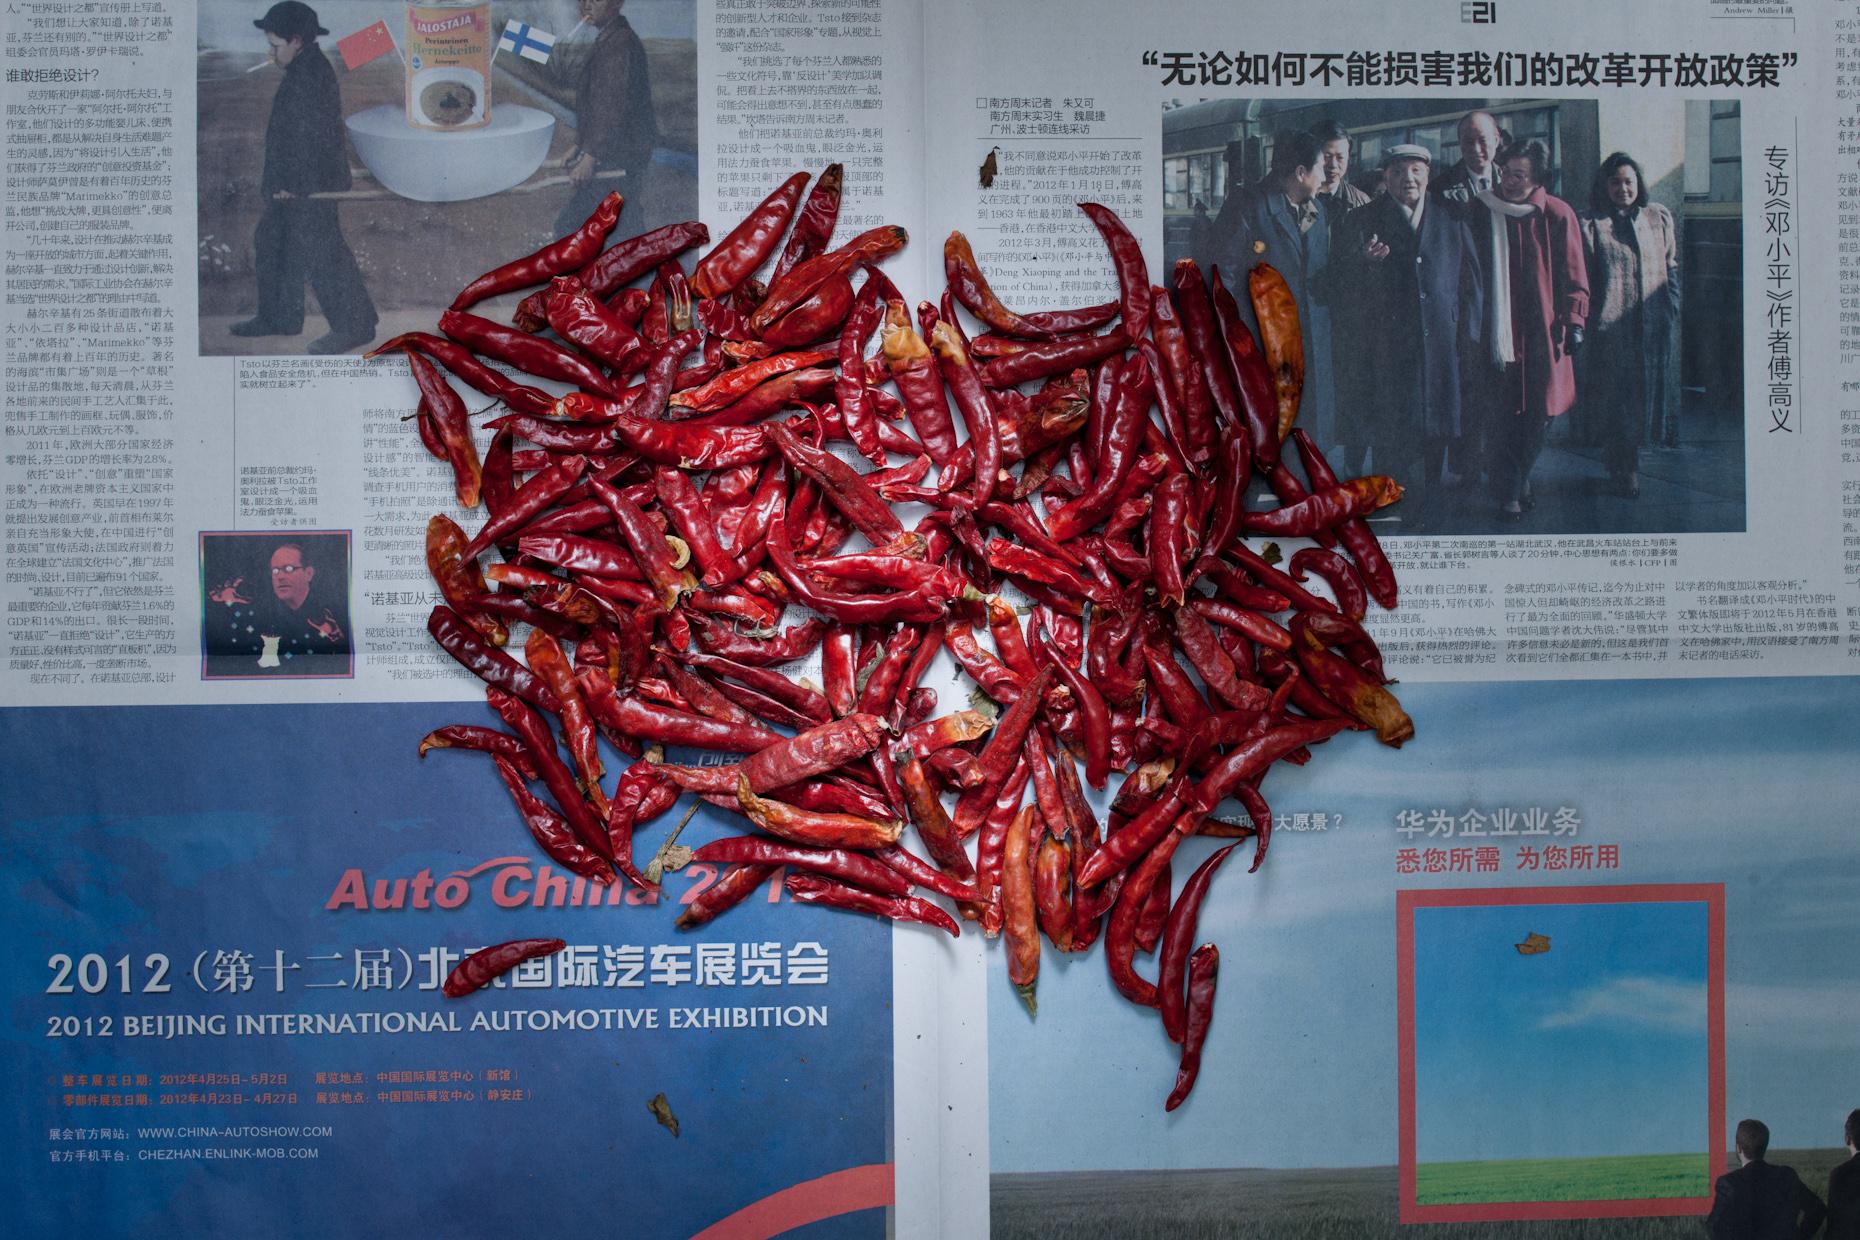 China, April 2012